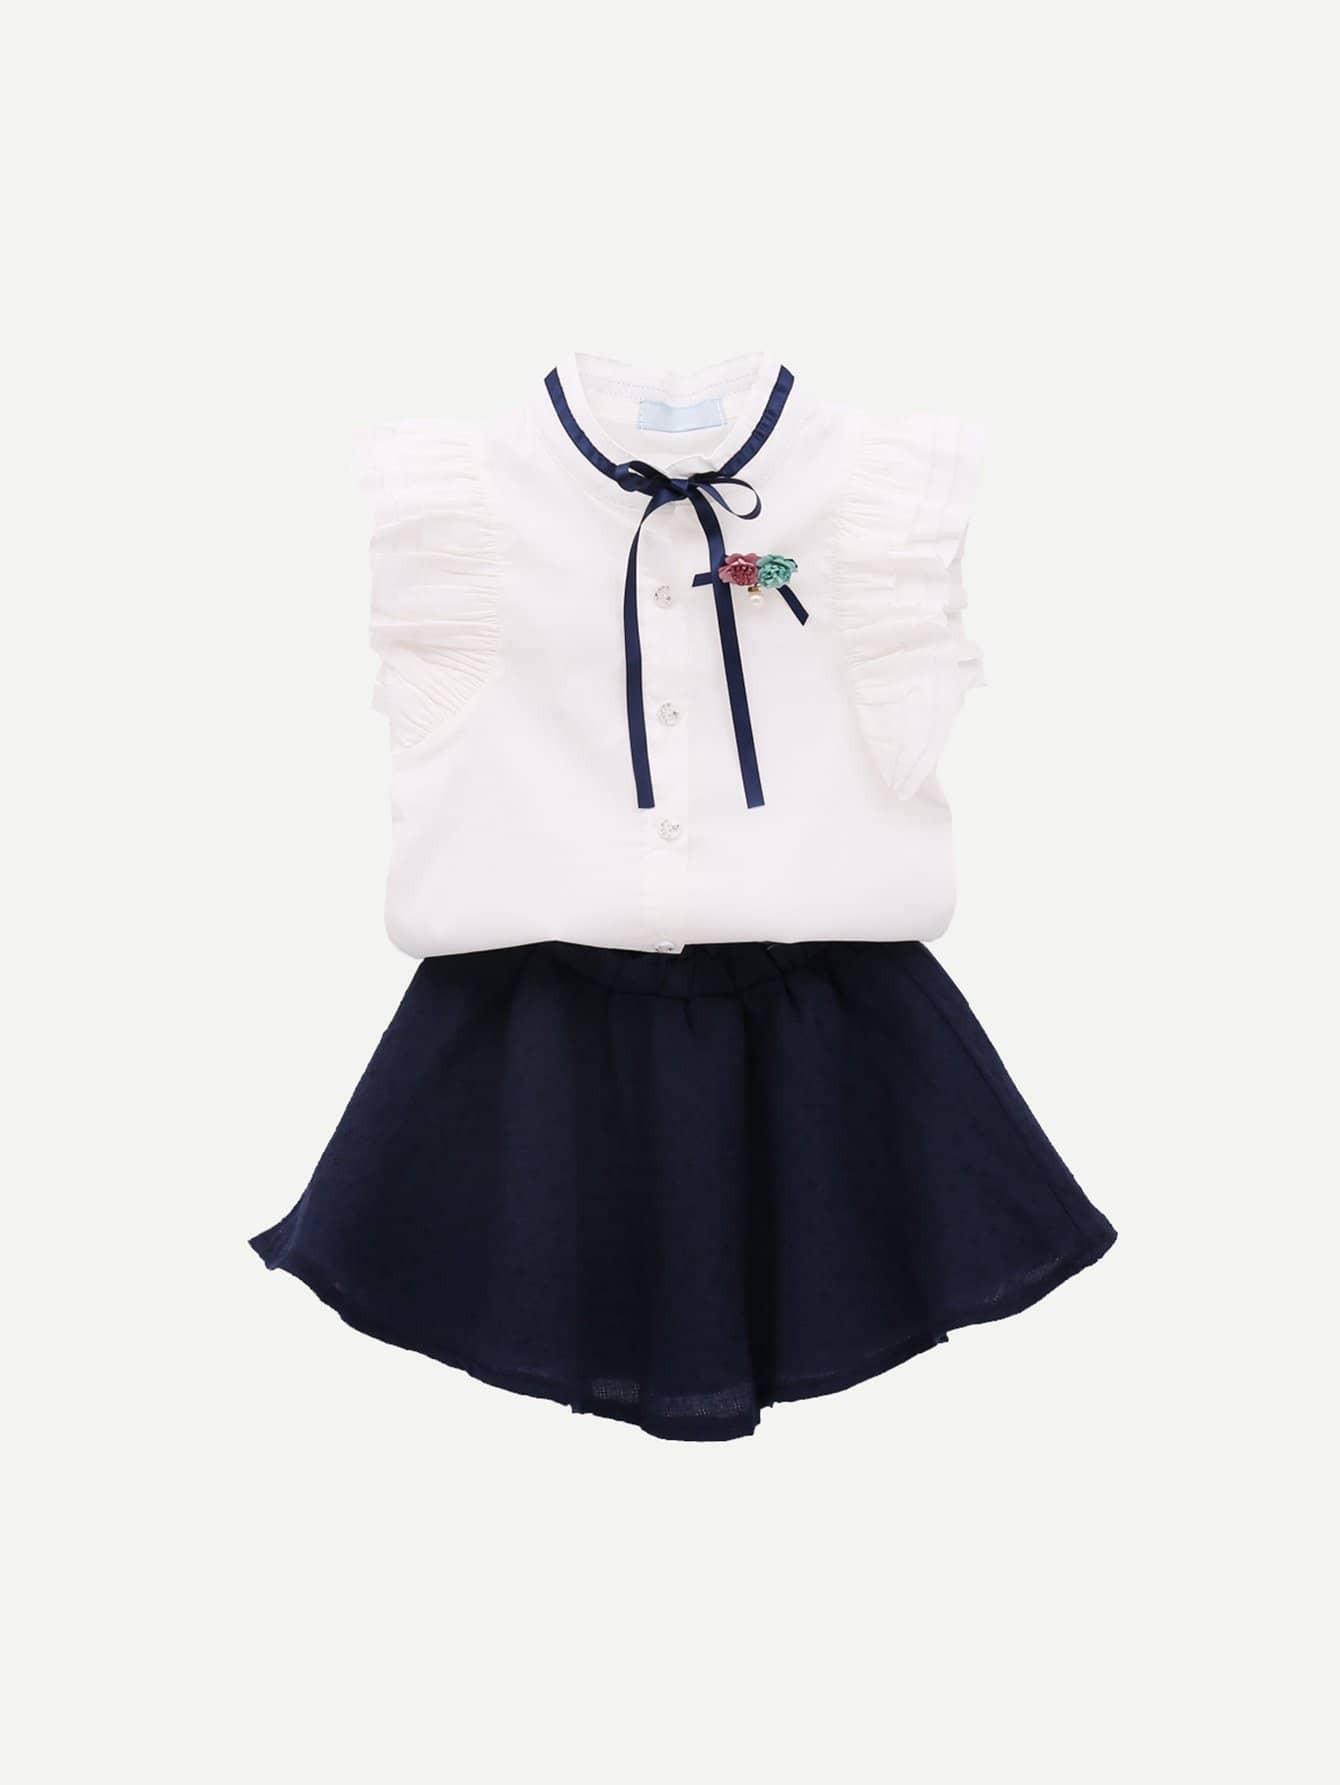 Купить Повседневный стиль Ровный цвет Кайма Темно синий Комплекты для девочек, null, SheIn